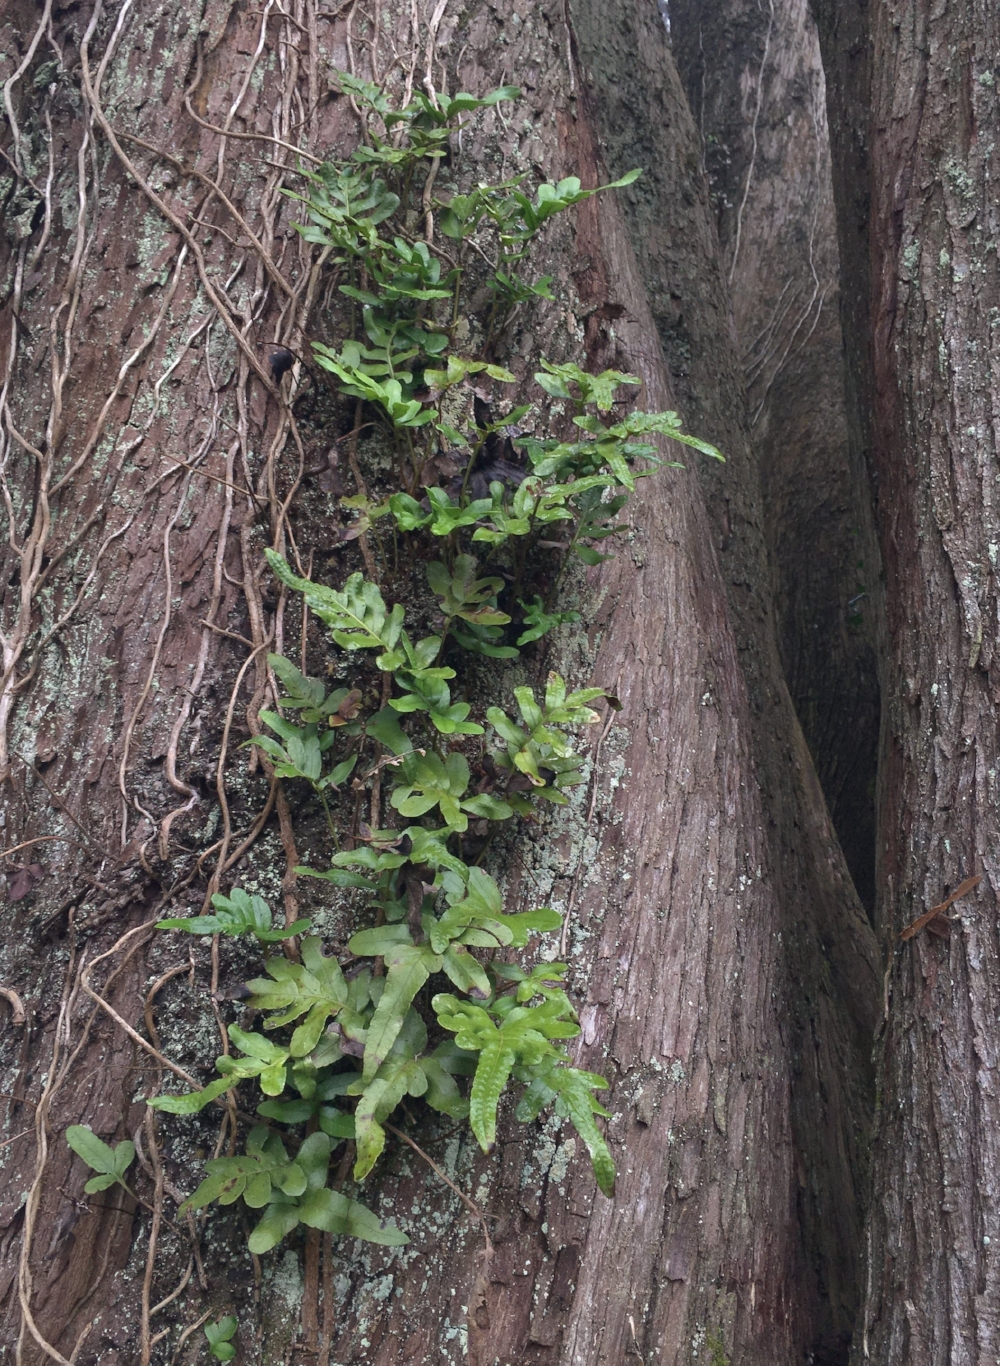 epiphytic leather fern